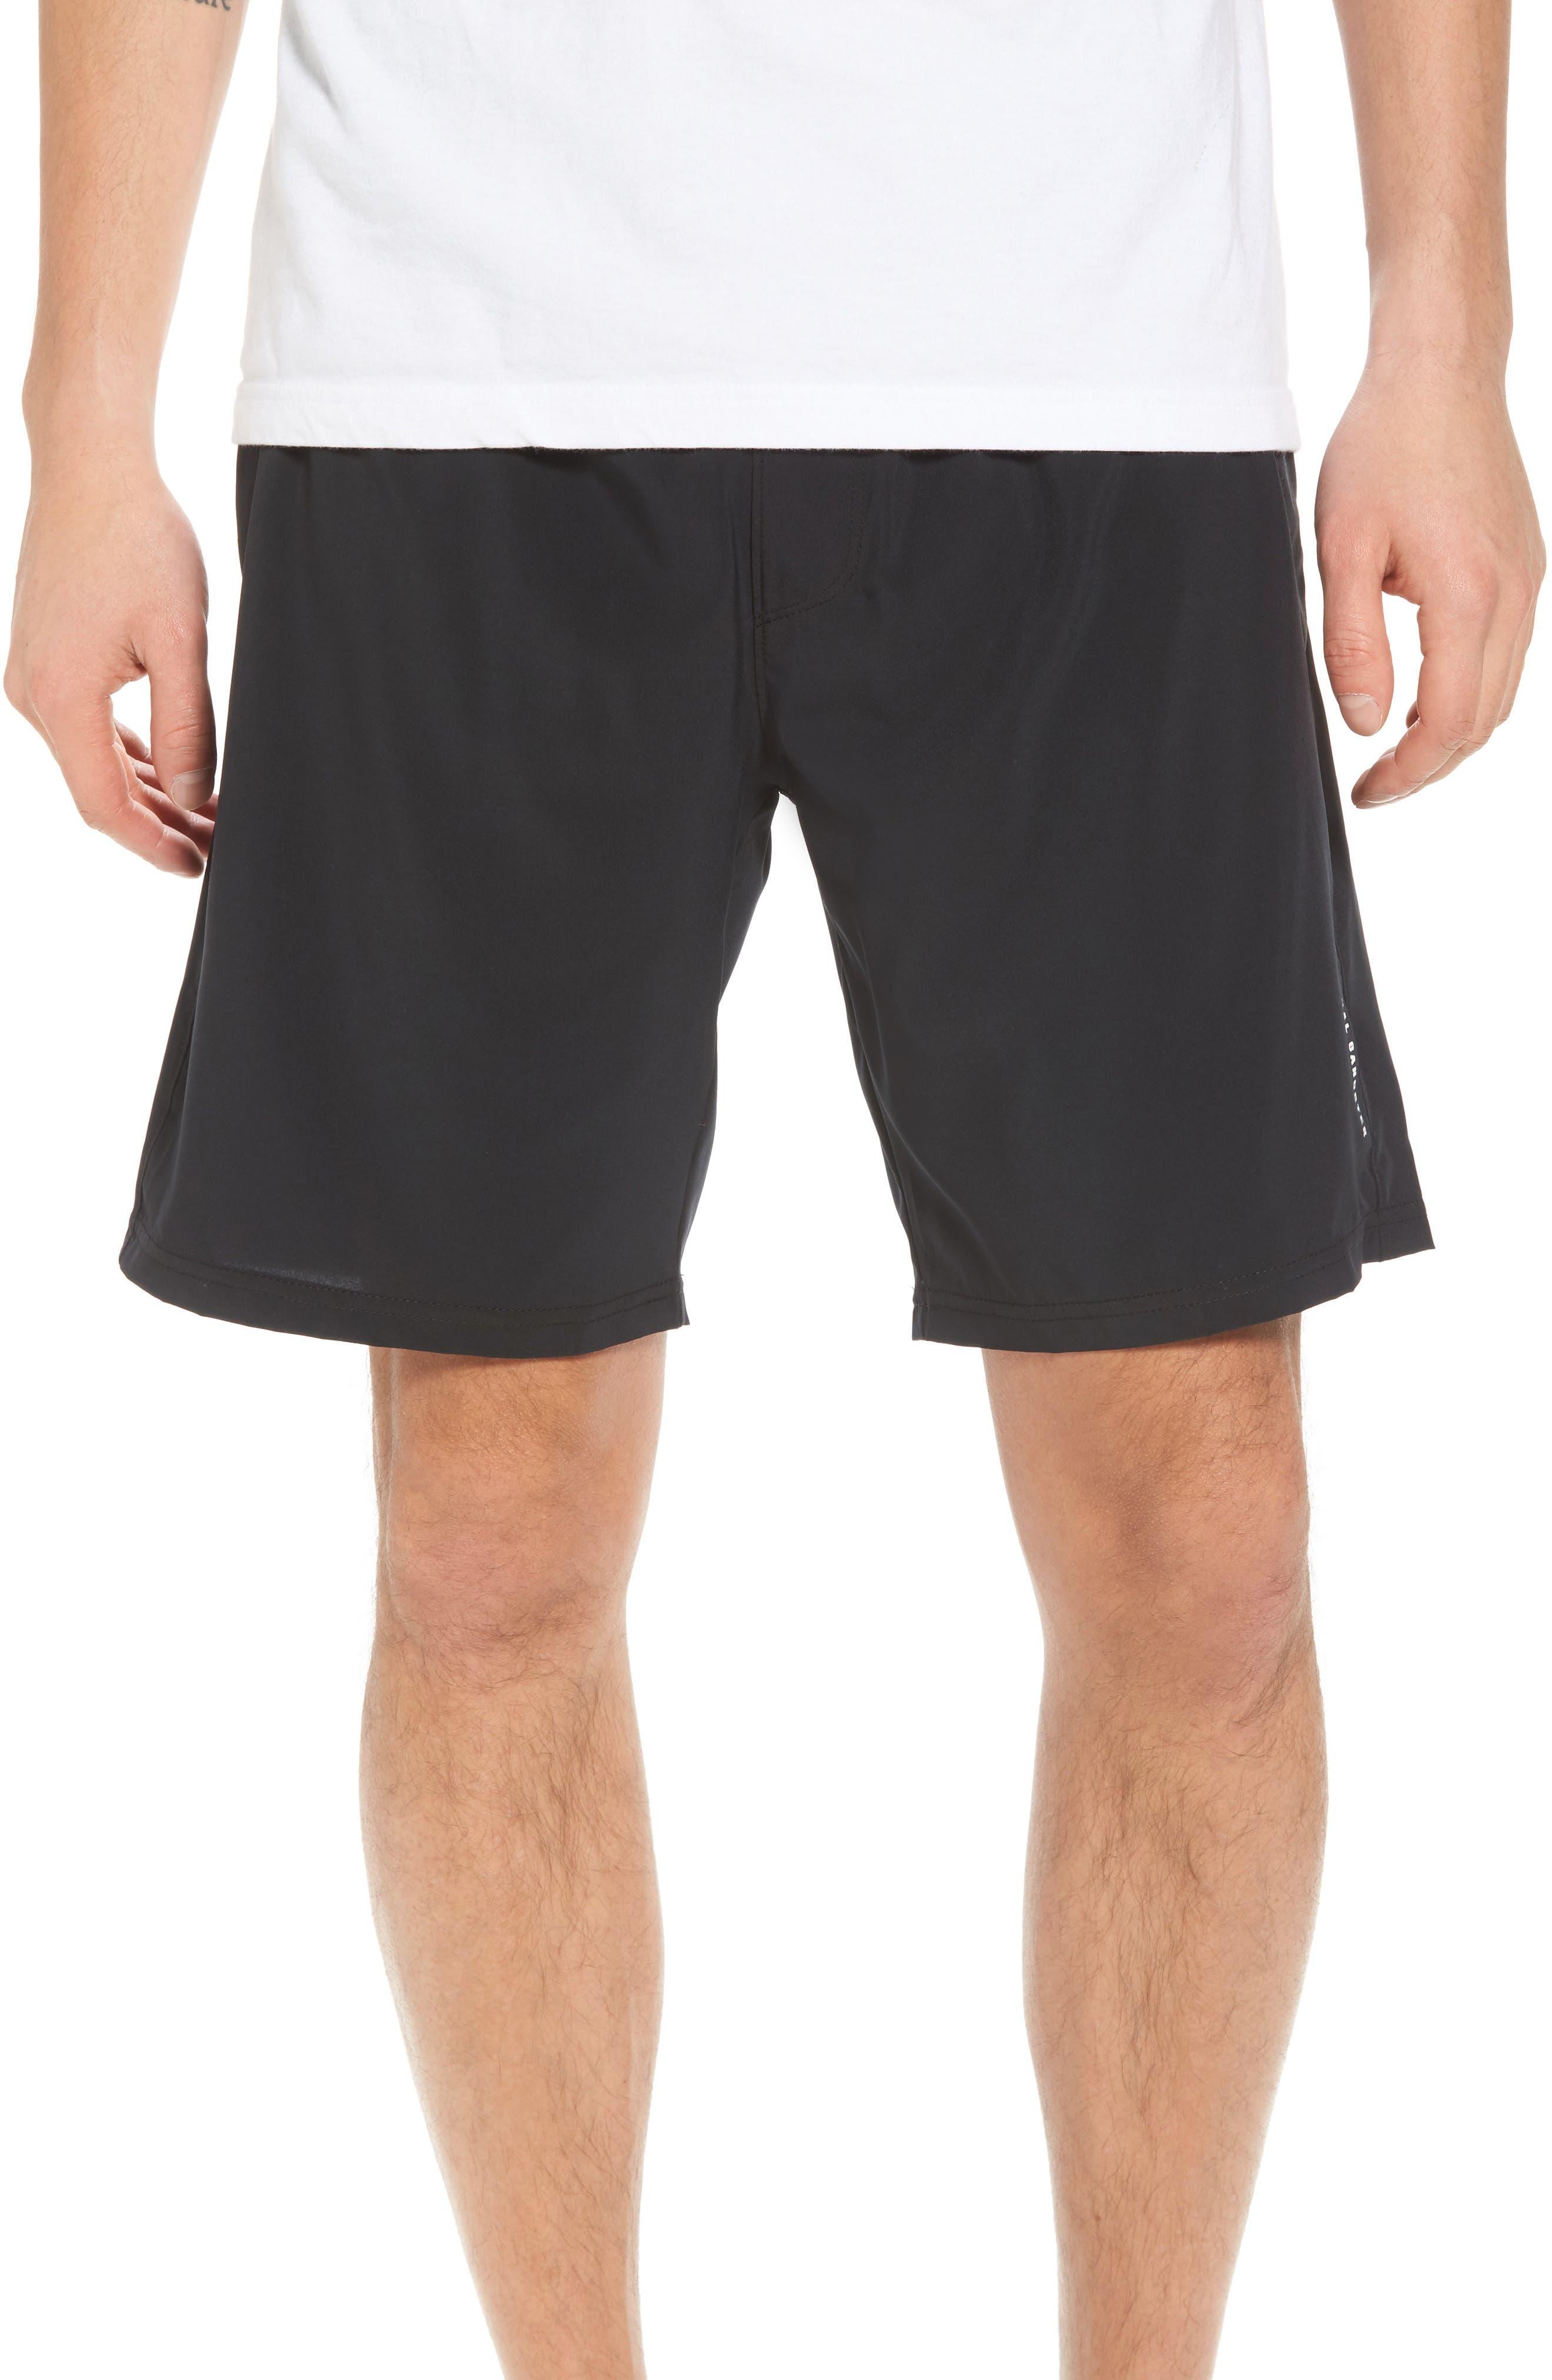 Ignite Shorts,                             Main thumbnail 1, color,                             001